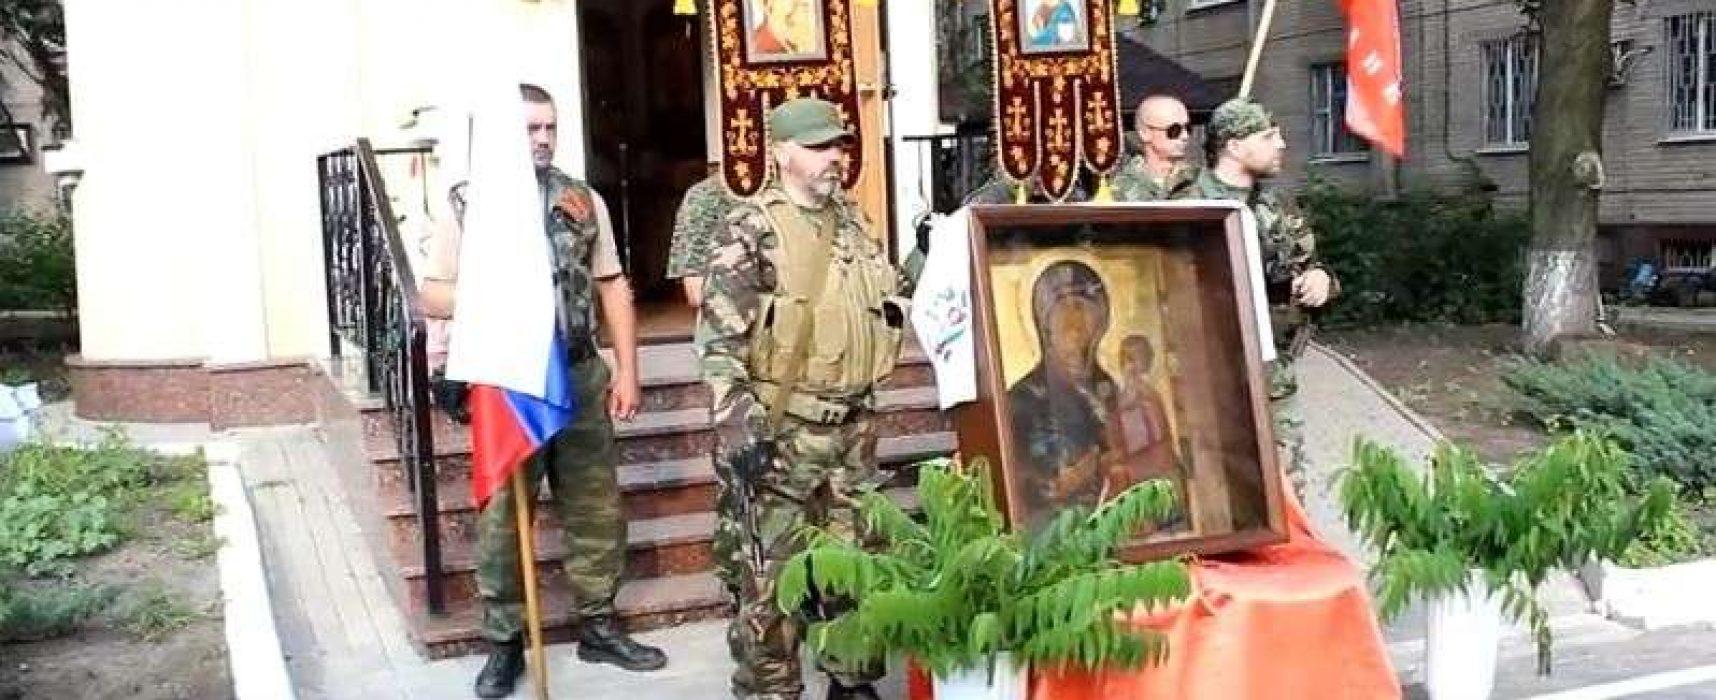 Il Patriarcato di Mosca nella guerra in Ucraina